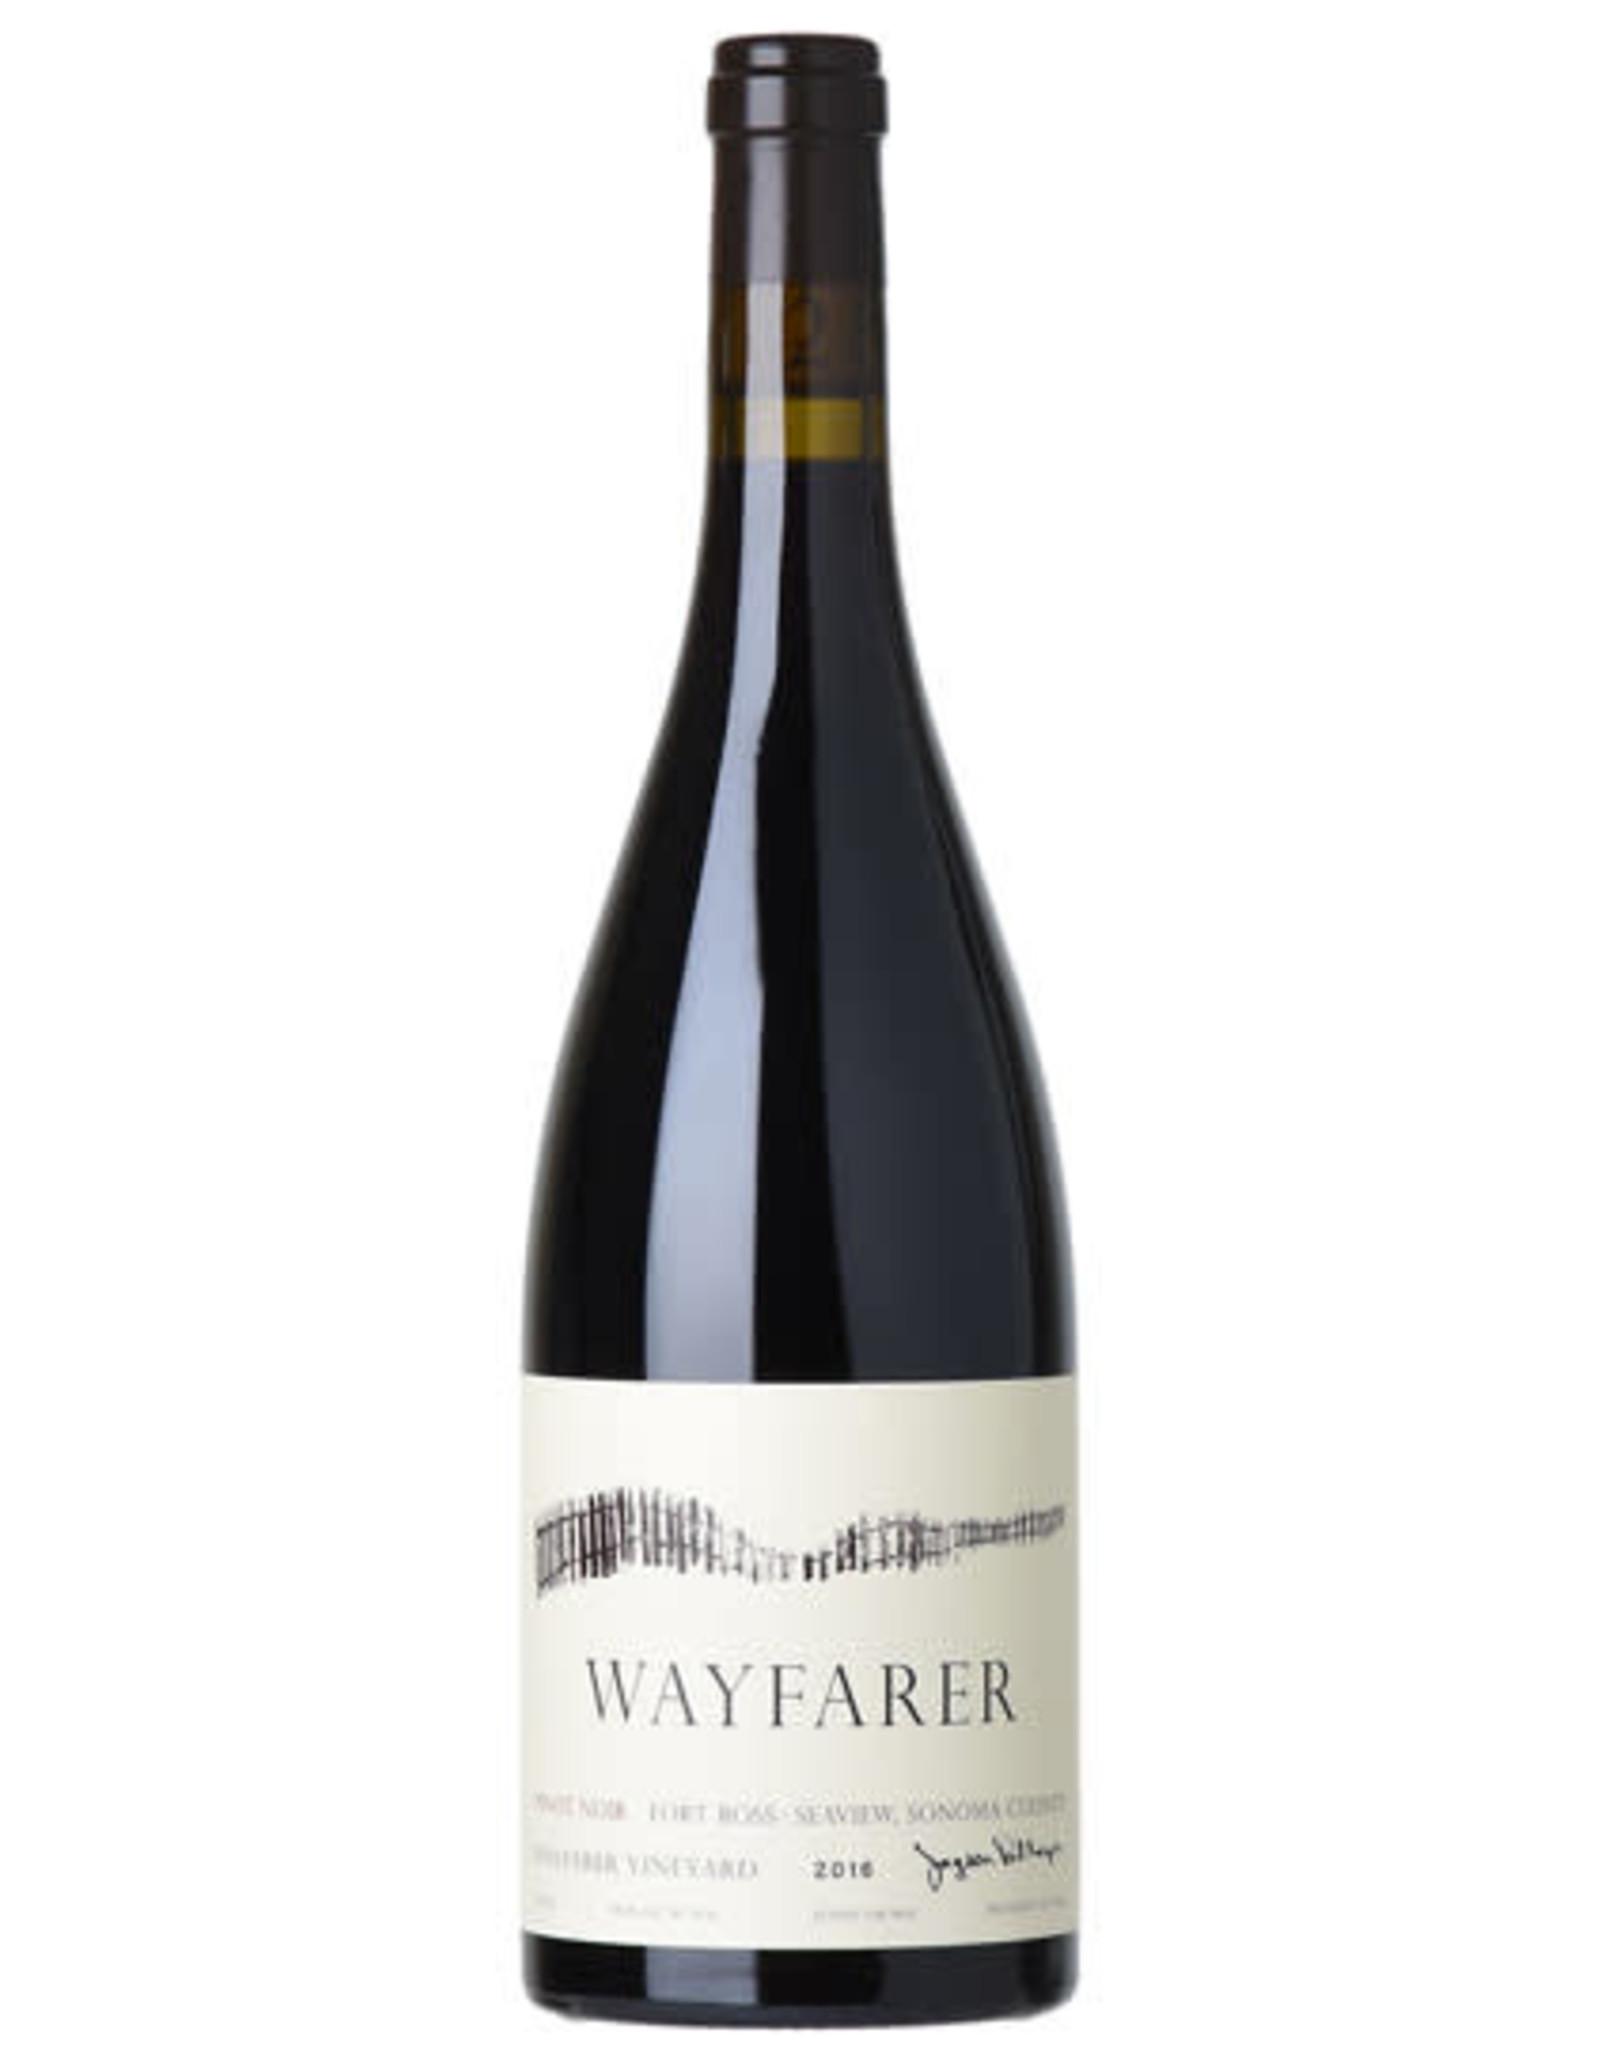 Wayfarer Vineyard Pinot Noir 2016